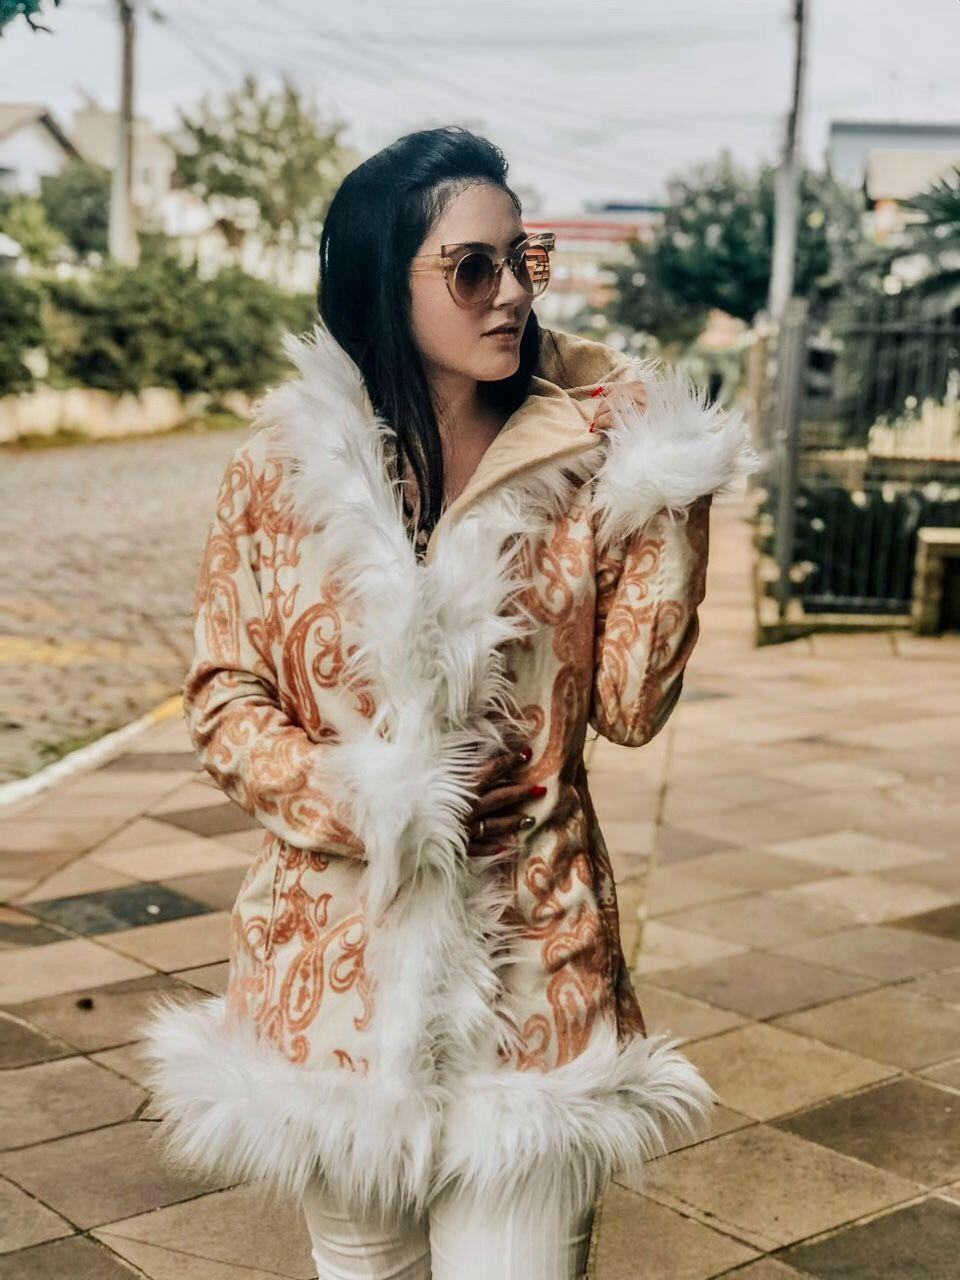 casaco-arabesco-c-pele-042if18